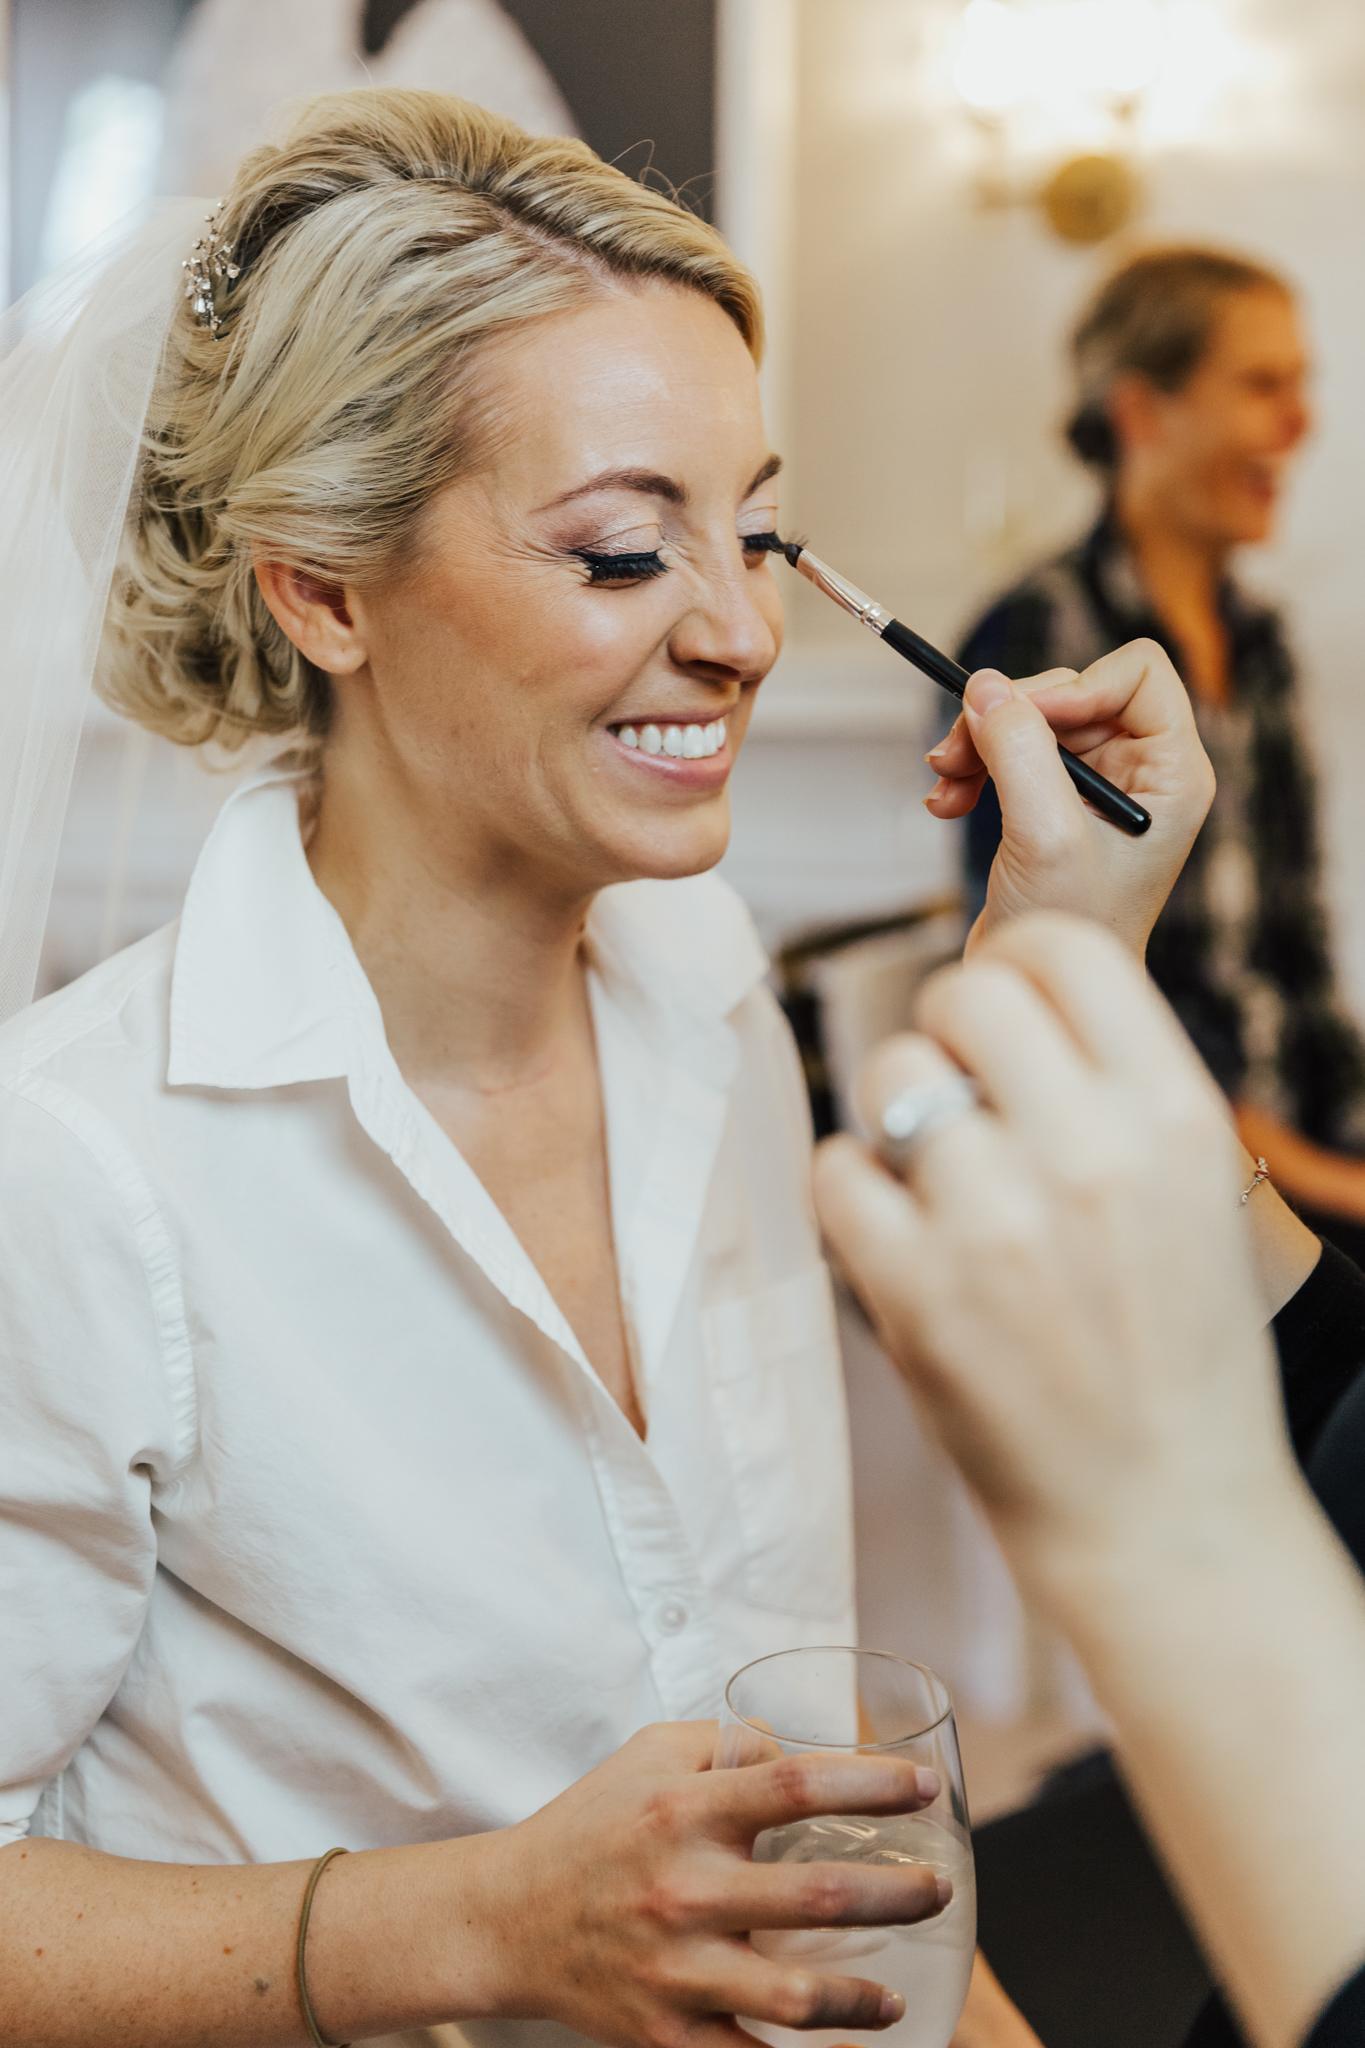 candid getting ready wedding photos